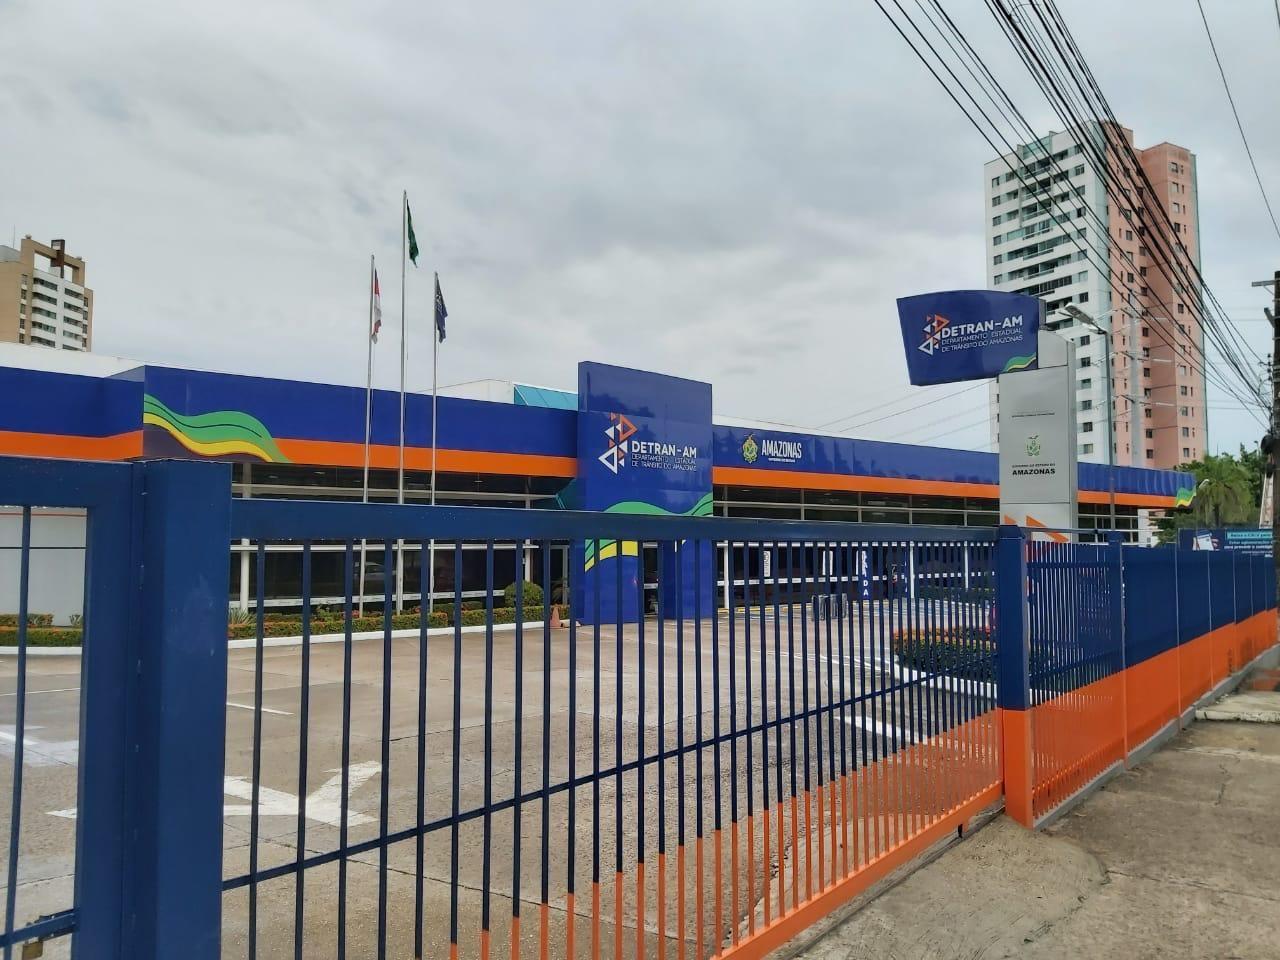 Detran-AM retoma agendamento nesta segunda (1º) e volta a atender público dia 8 de junho em Manaus